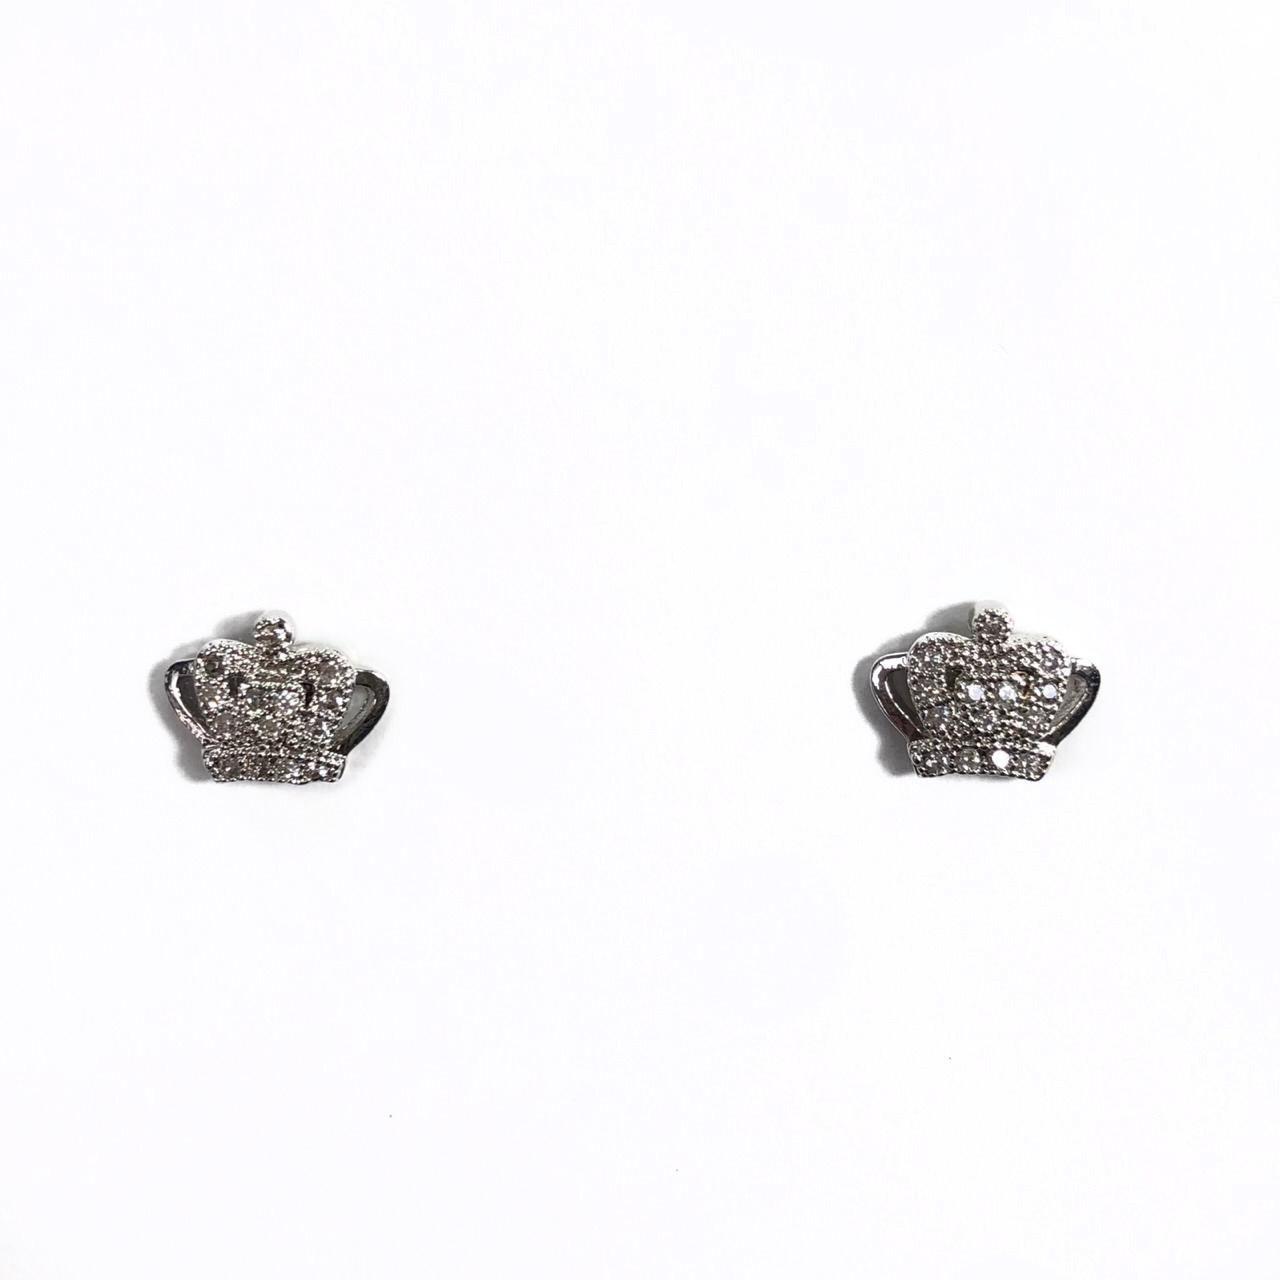 Brinco Coroa Pequeno Cravejado com Zircônias Branca Banho em Ródio